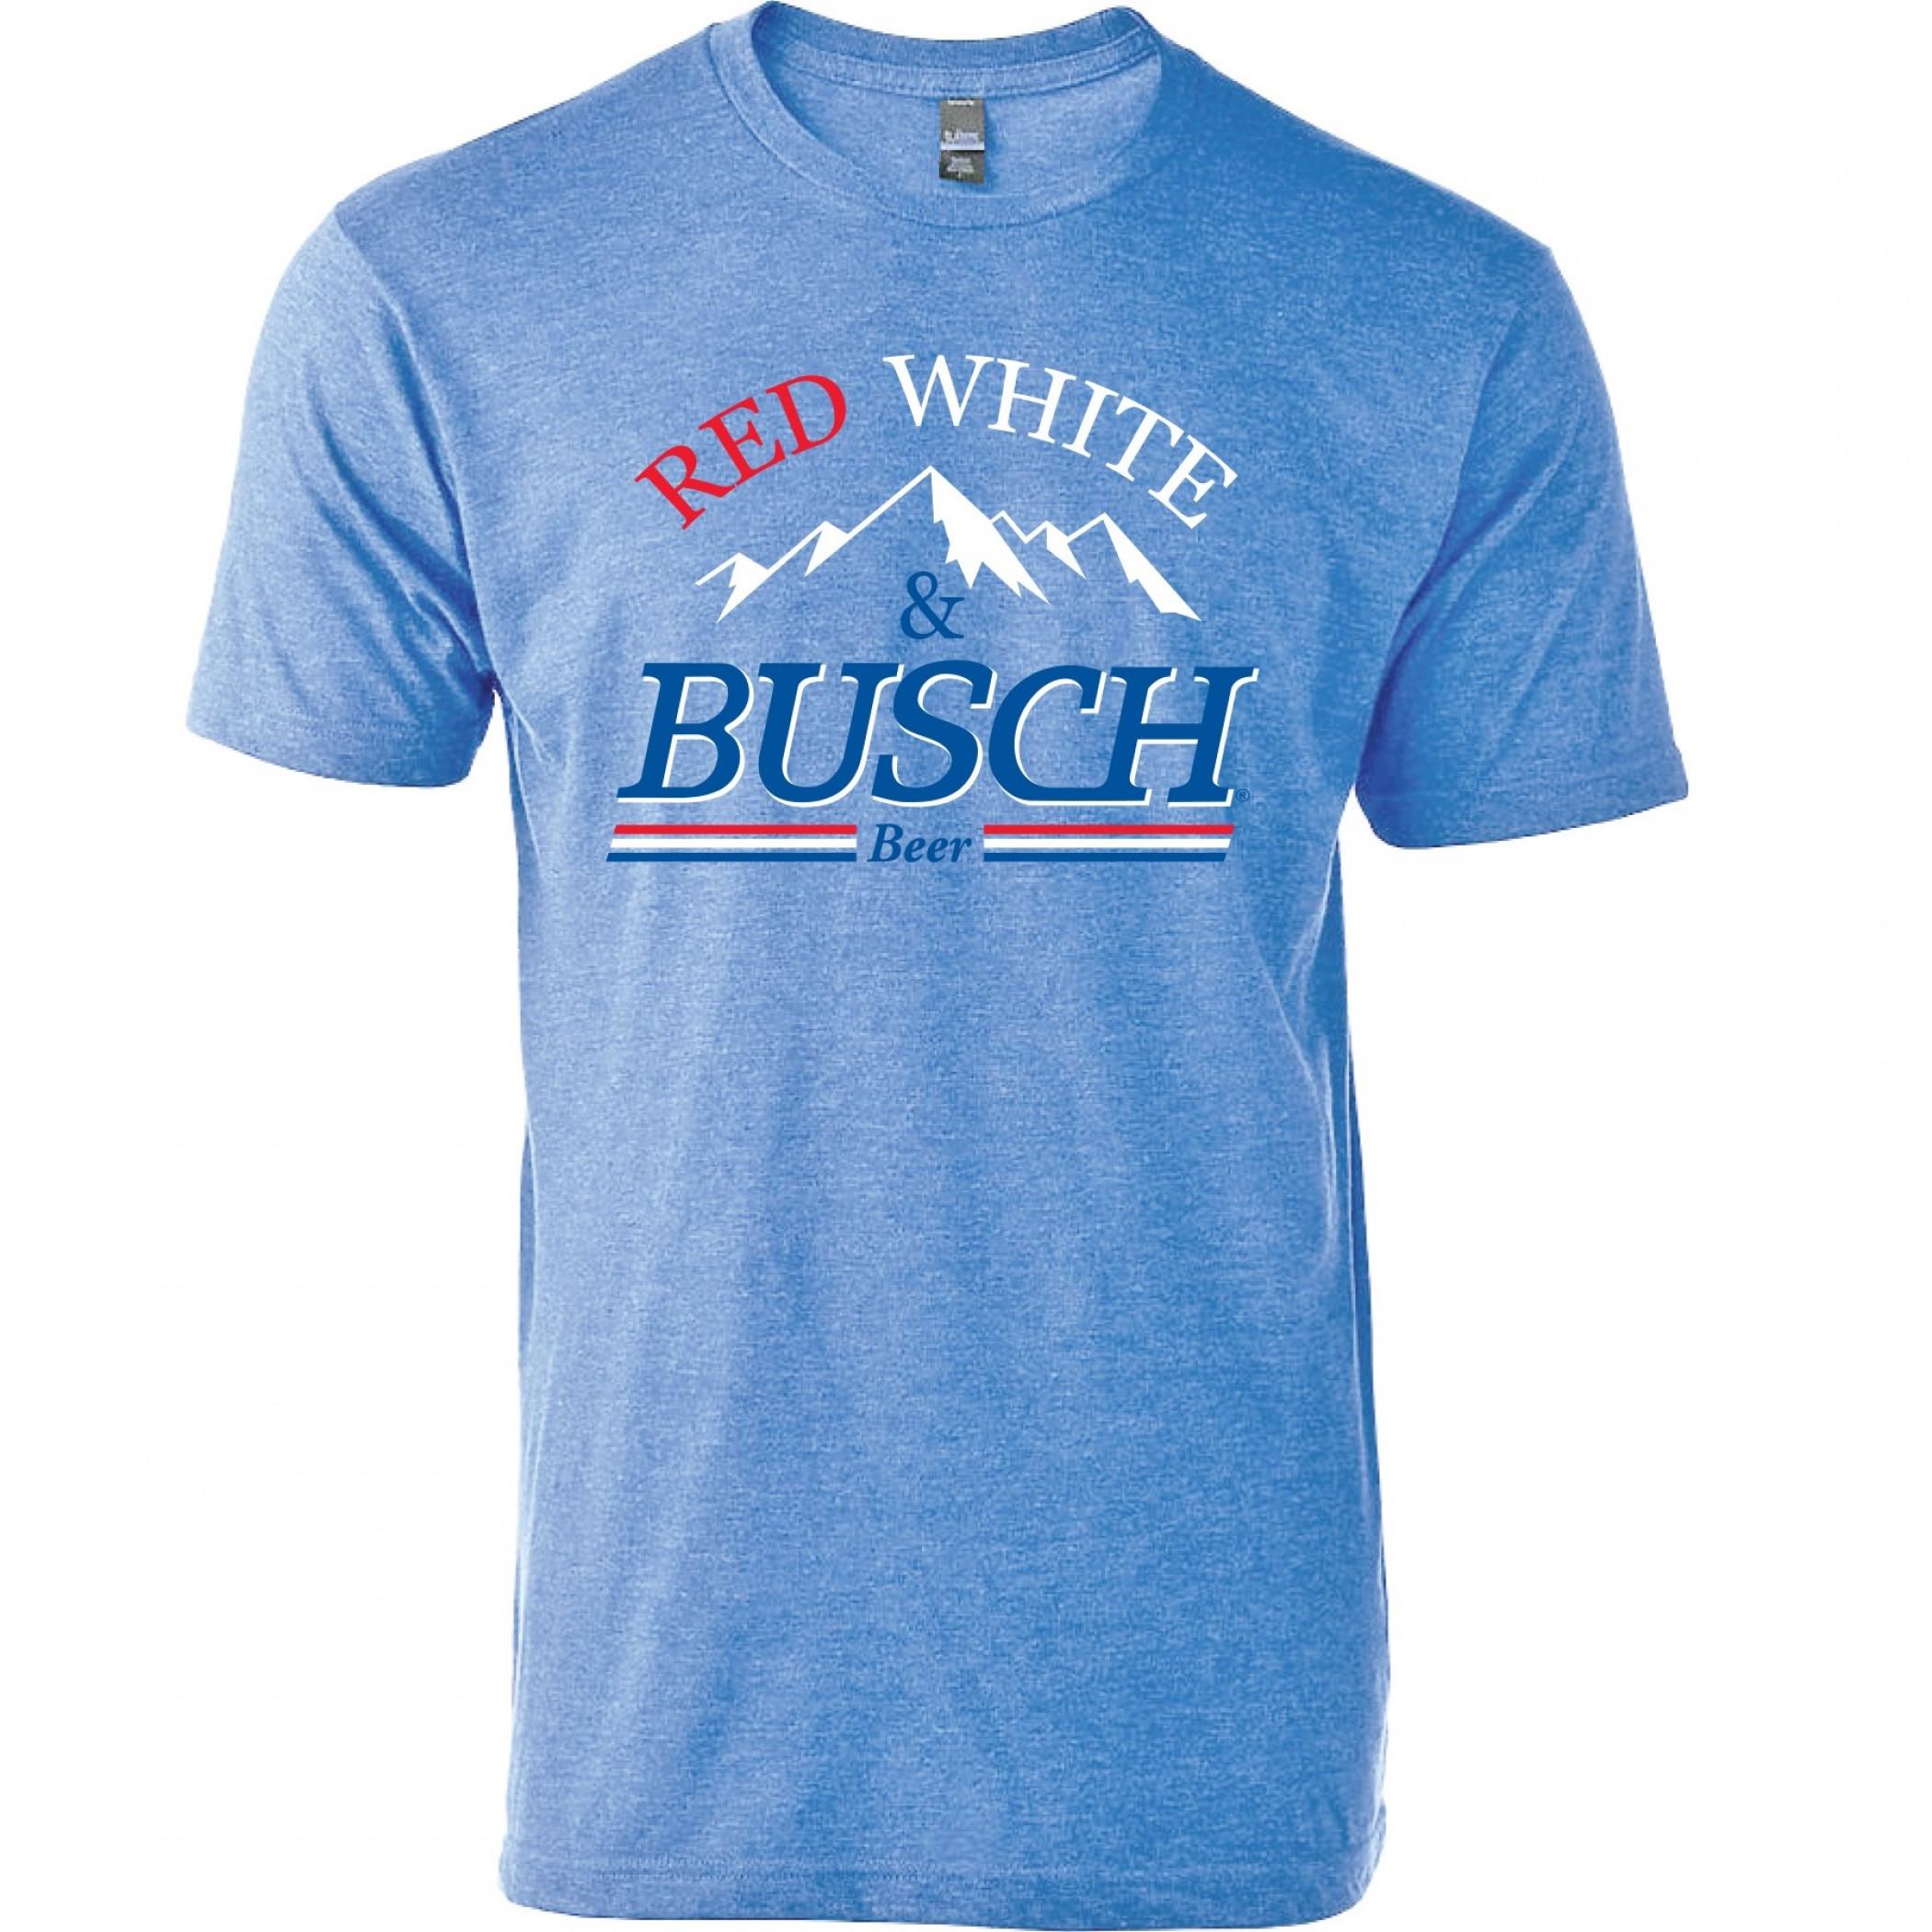 Busch Beer Red White & Busch T-Shirt